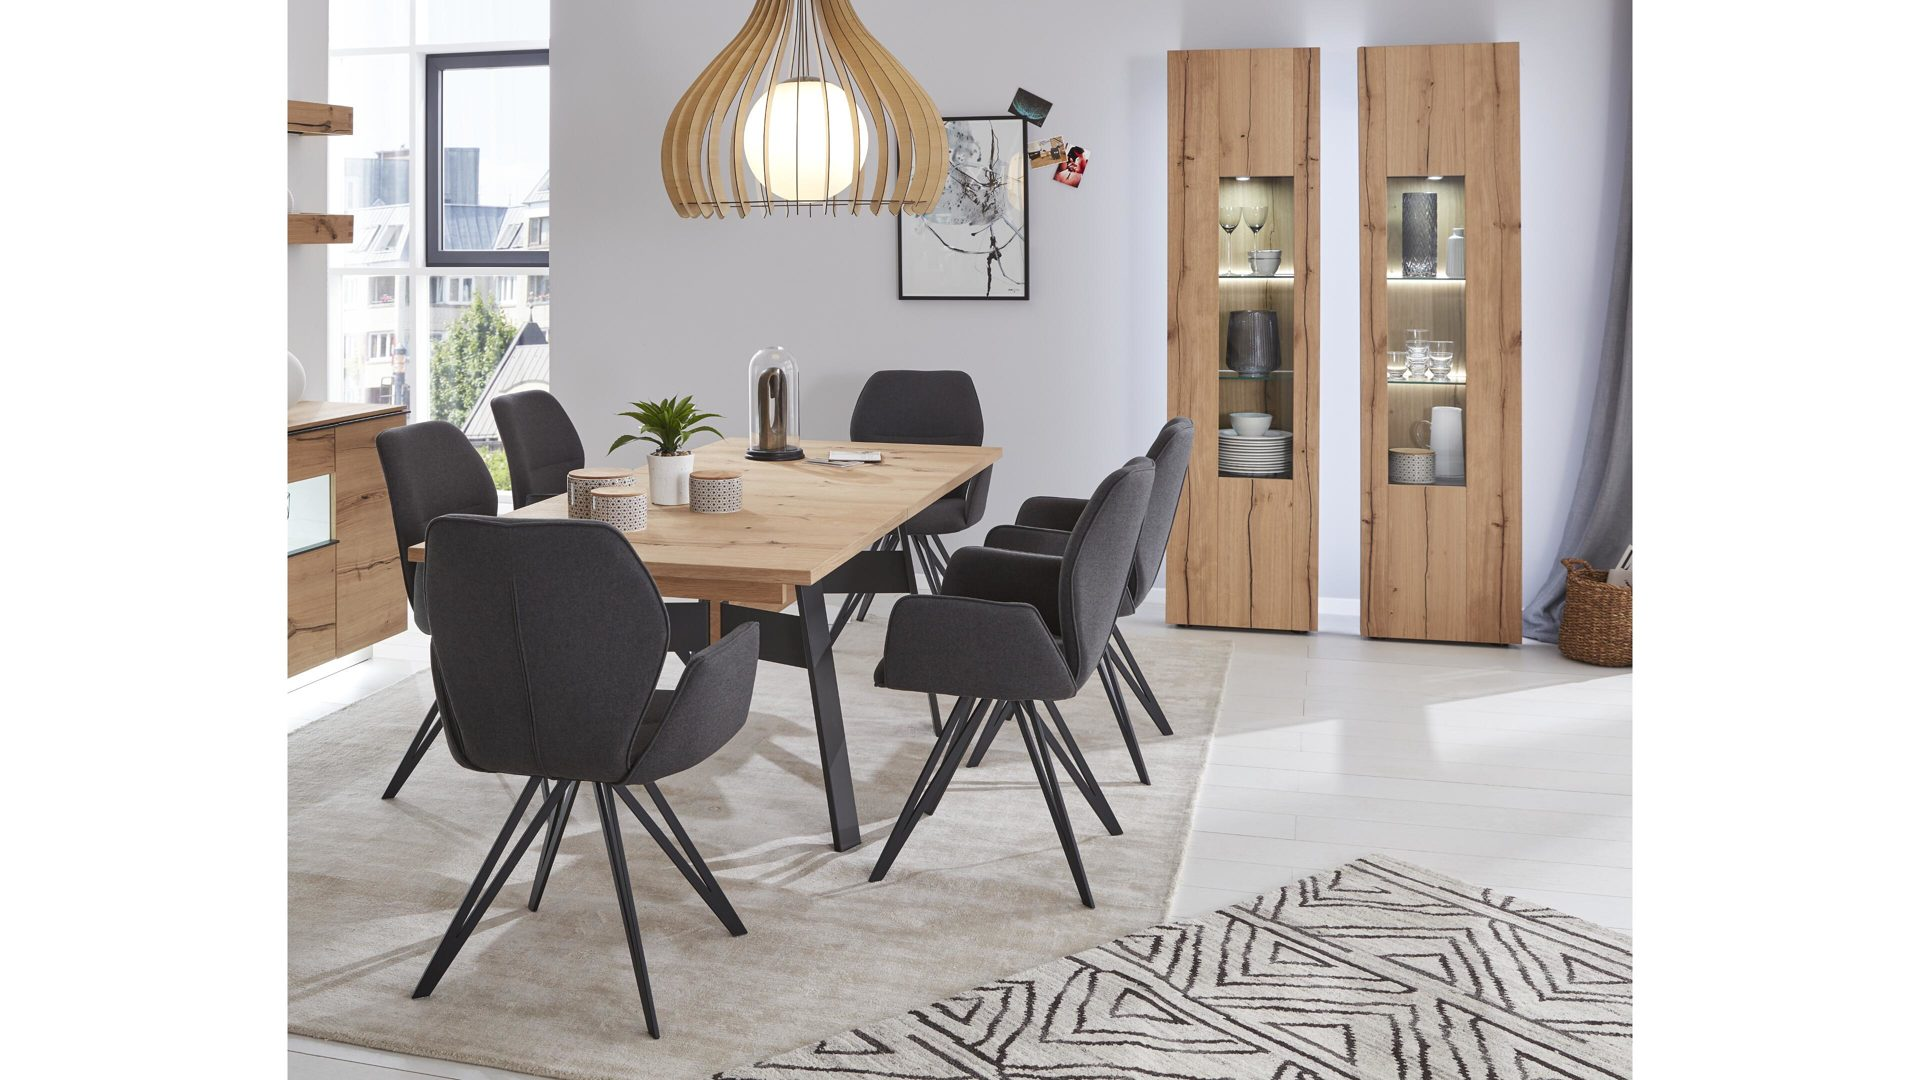 Interliving Wohnzimmer Serie 2103 Esstisch Schieferschwarzer Lack